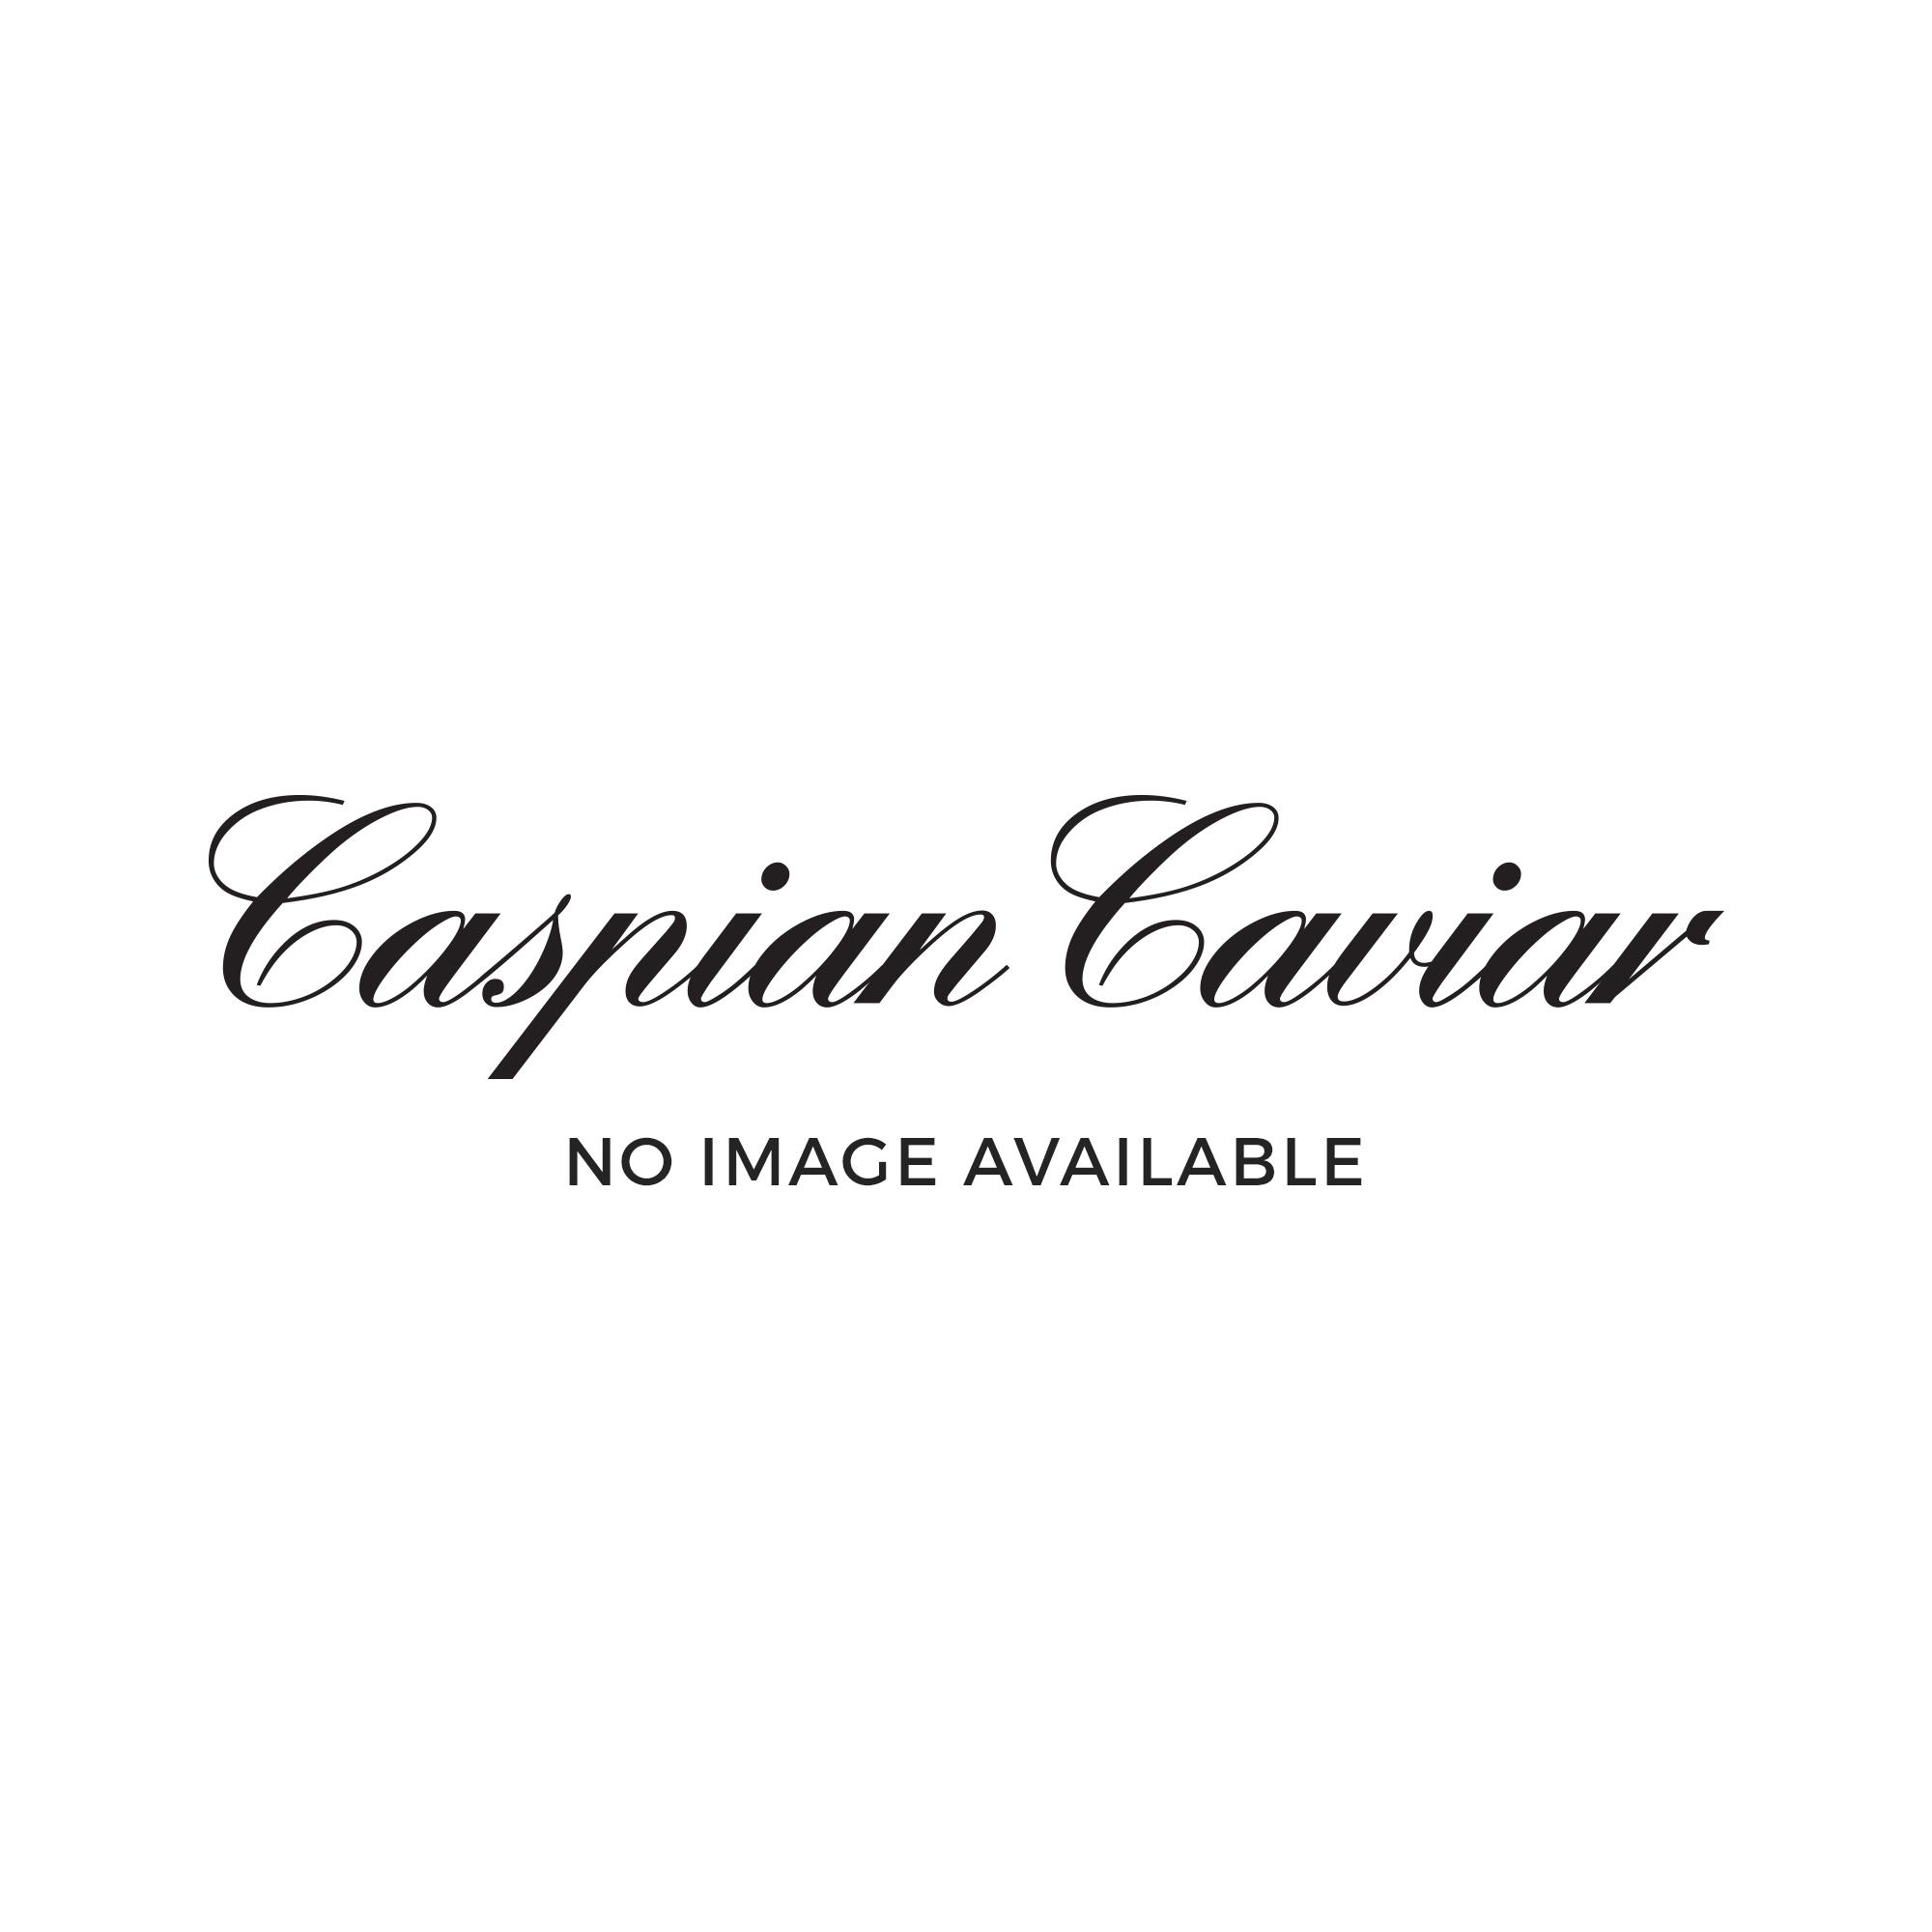 Caspian Caviar Special Reserve Beluga (Huso Huso) Caviar 50g